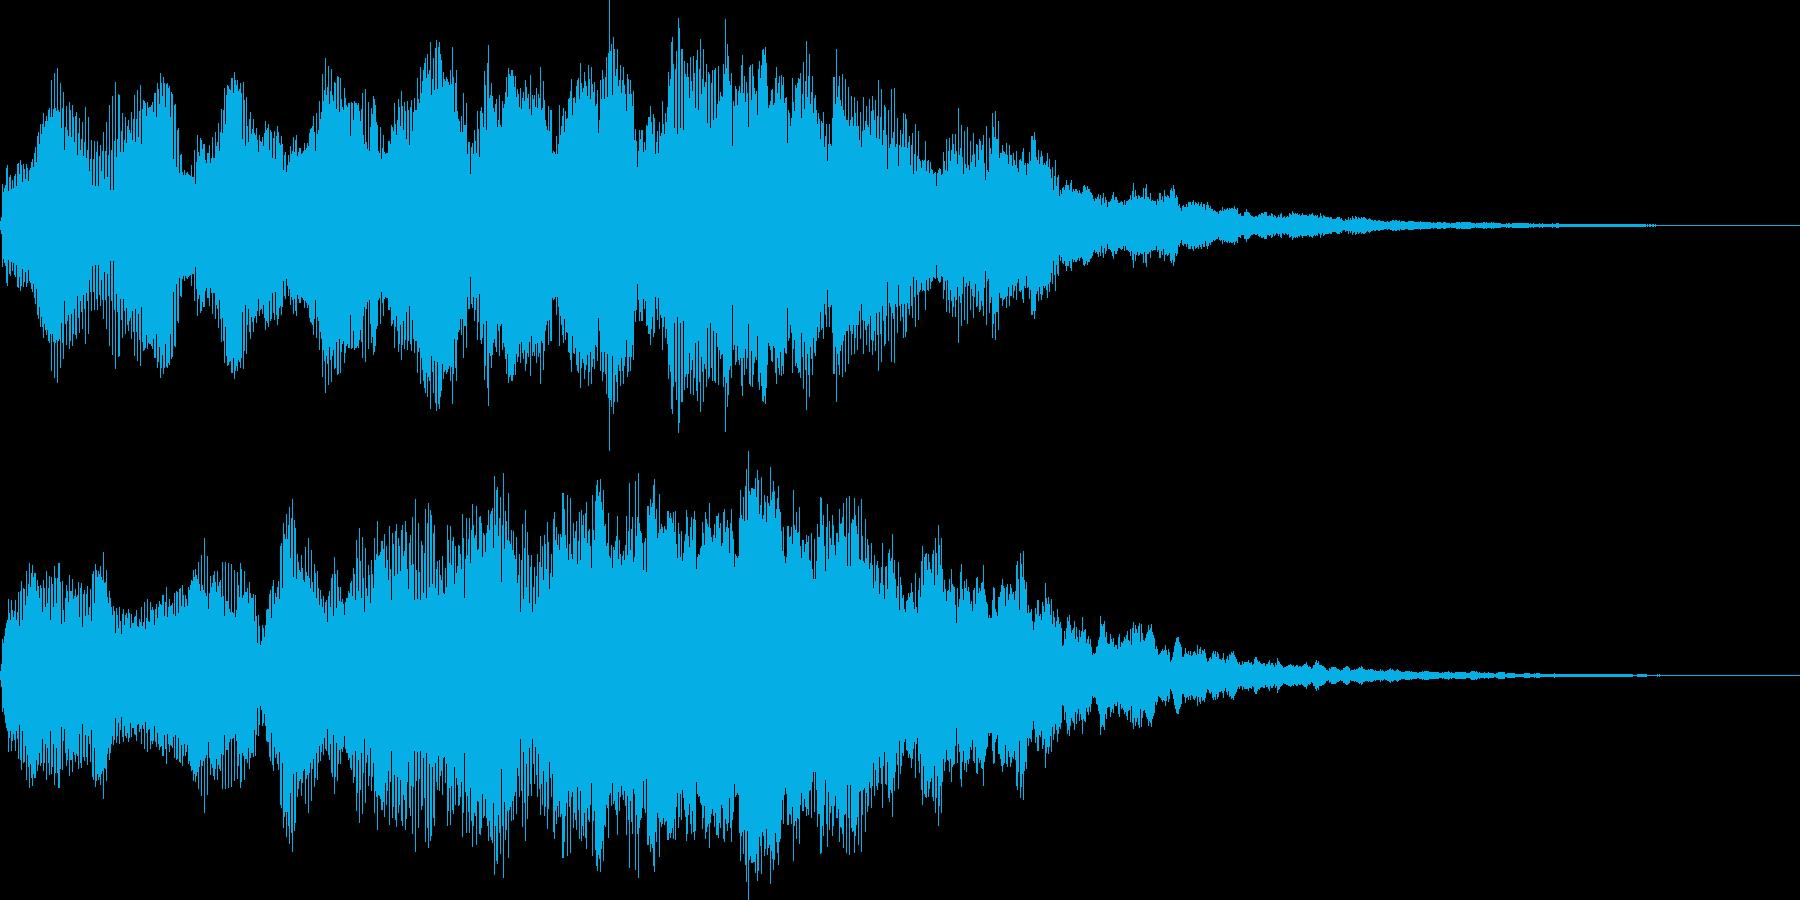 オープニング用アイコン表示サウンドロゴの再生済みの波形